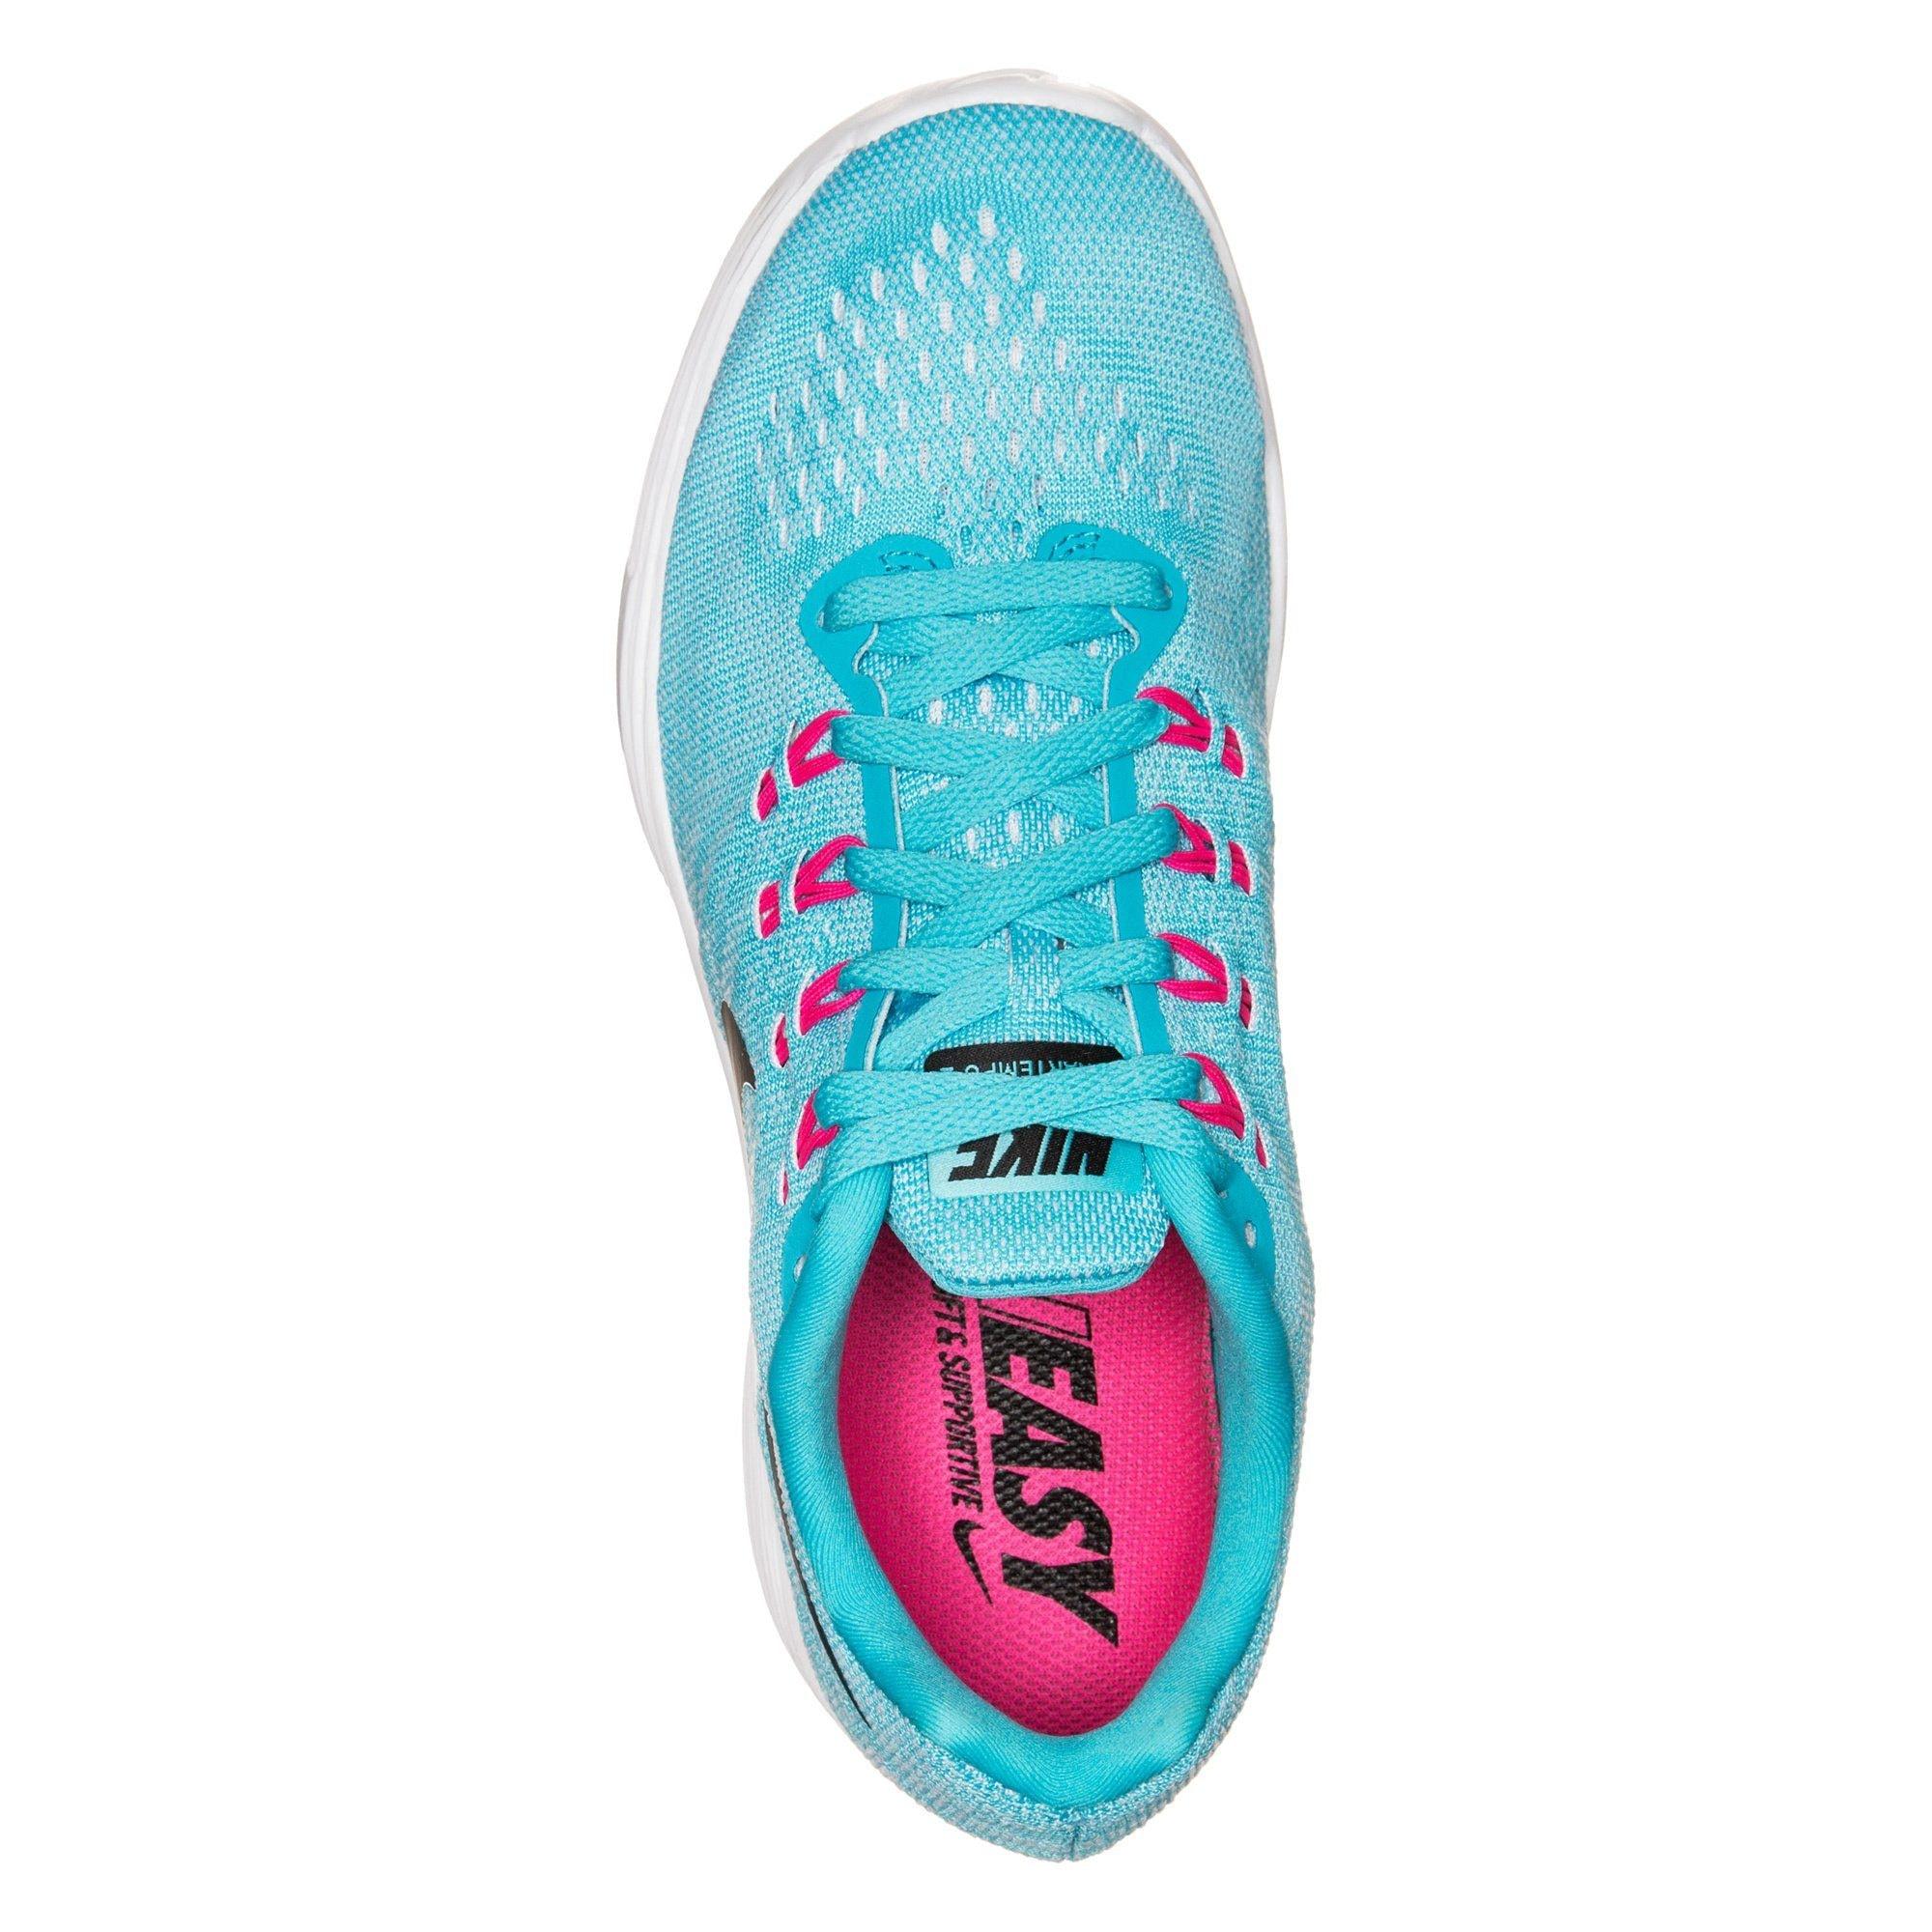 Nike LunarTempo 2 Laufschuh Damen bequem online kaufen   Gutes lohnt Preis-Leistungs-Verhältnis, es lohnt Gutes sich f9f98f